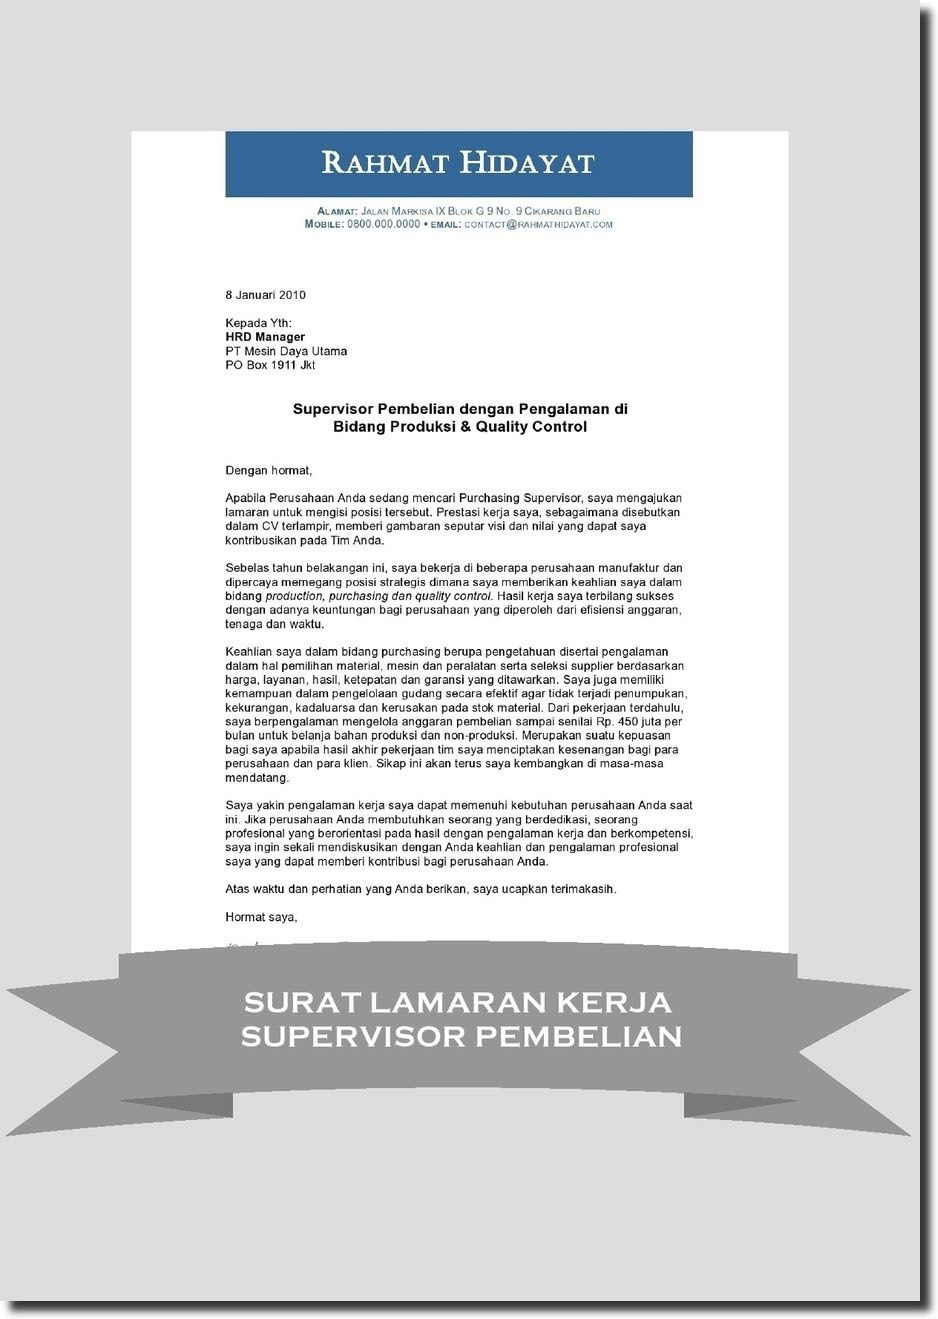 Surat lamaran kerja untuk supervisor ben jobs contoh lamaran surat lamaran kerja untuk supervisor ben jobs yelopaper Images